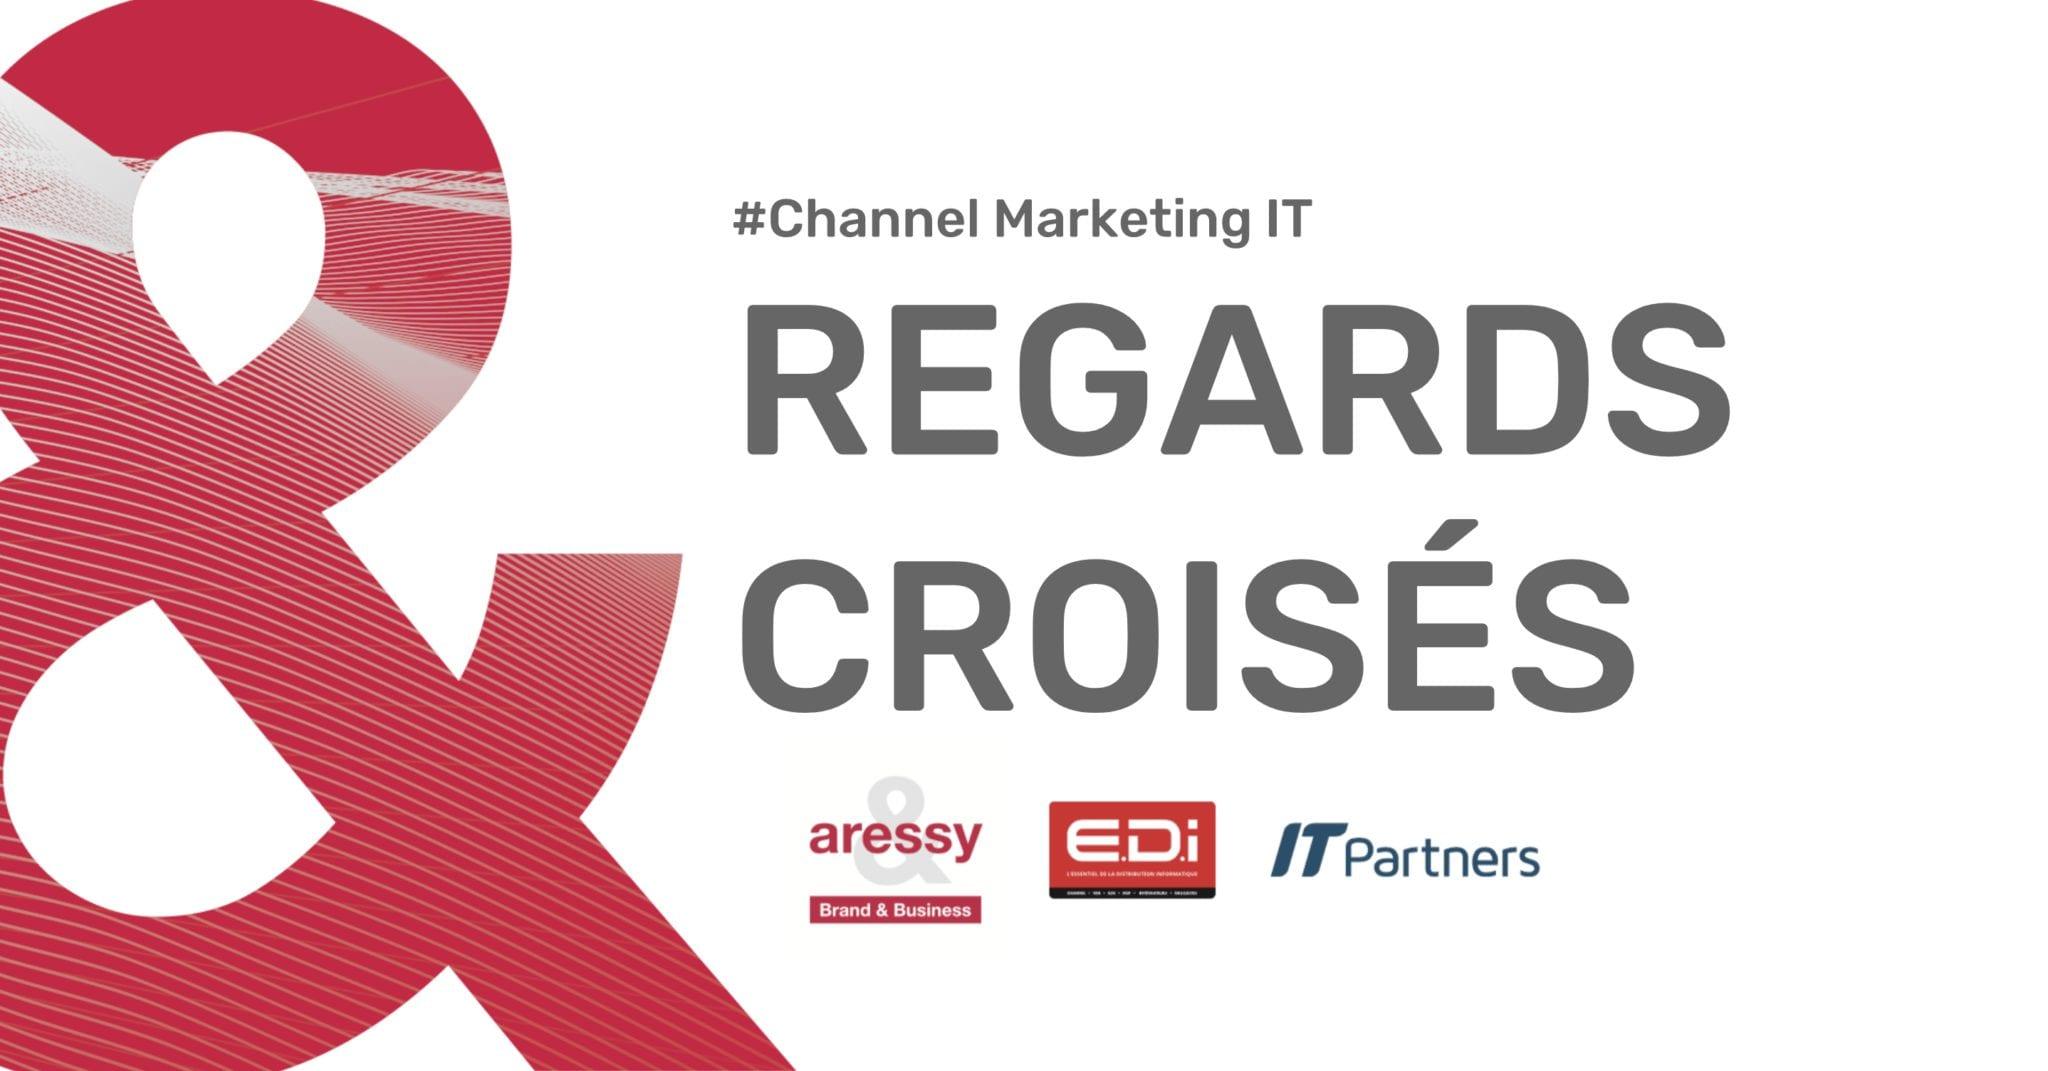 Regards Croises Aressy / EDI / IT-Partners